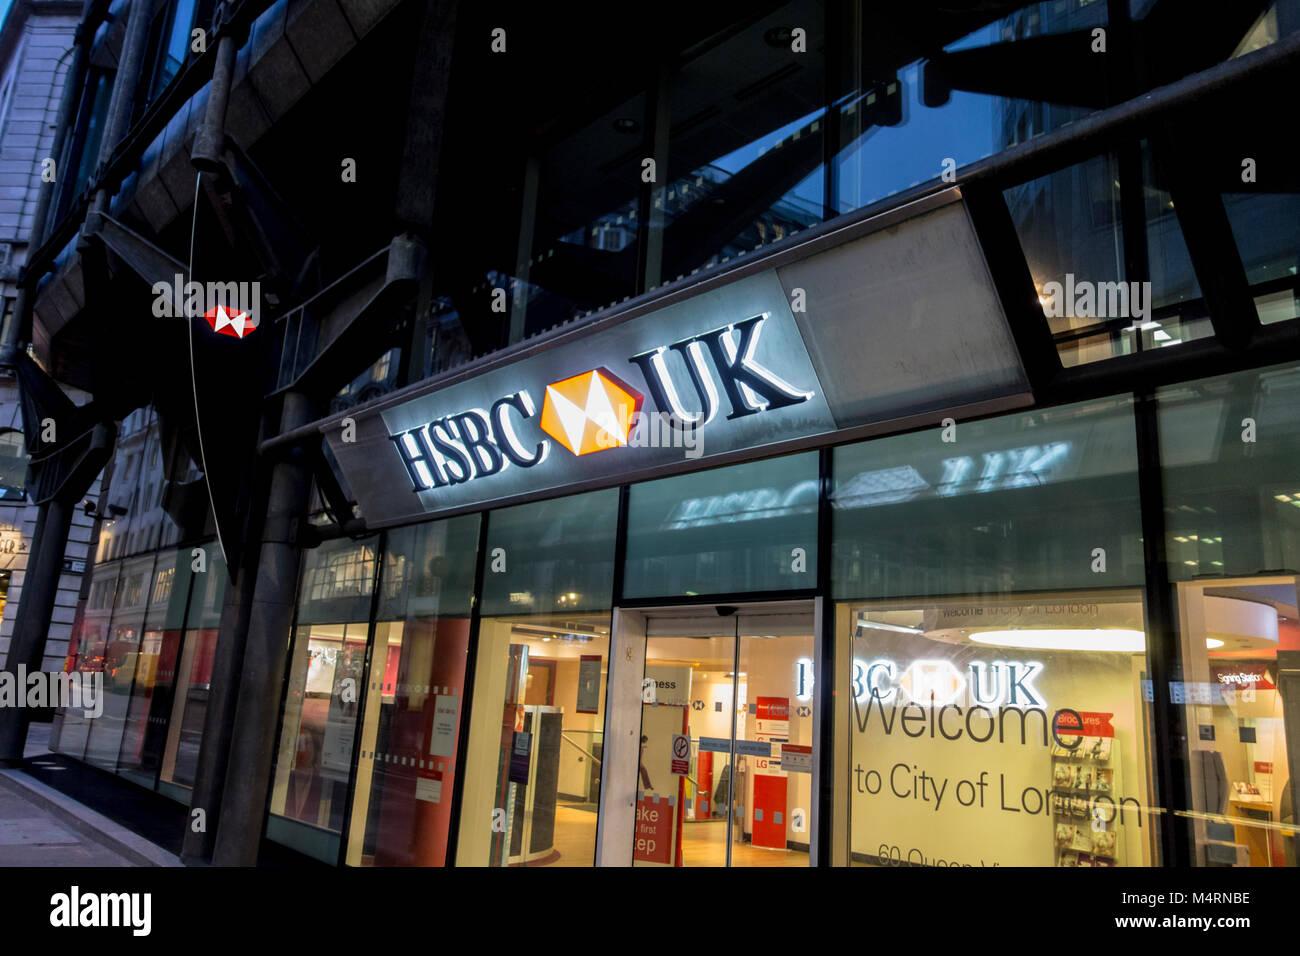 Hsbc Uk Branch Stock Photos & Hsbc Uk Branch Stock Images ...